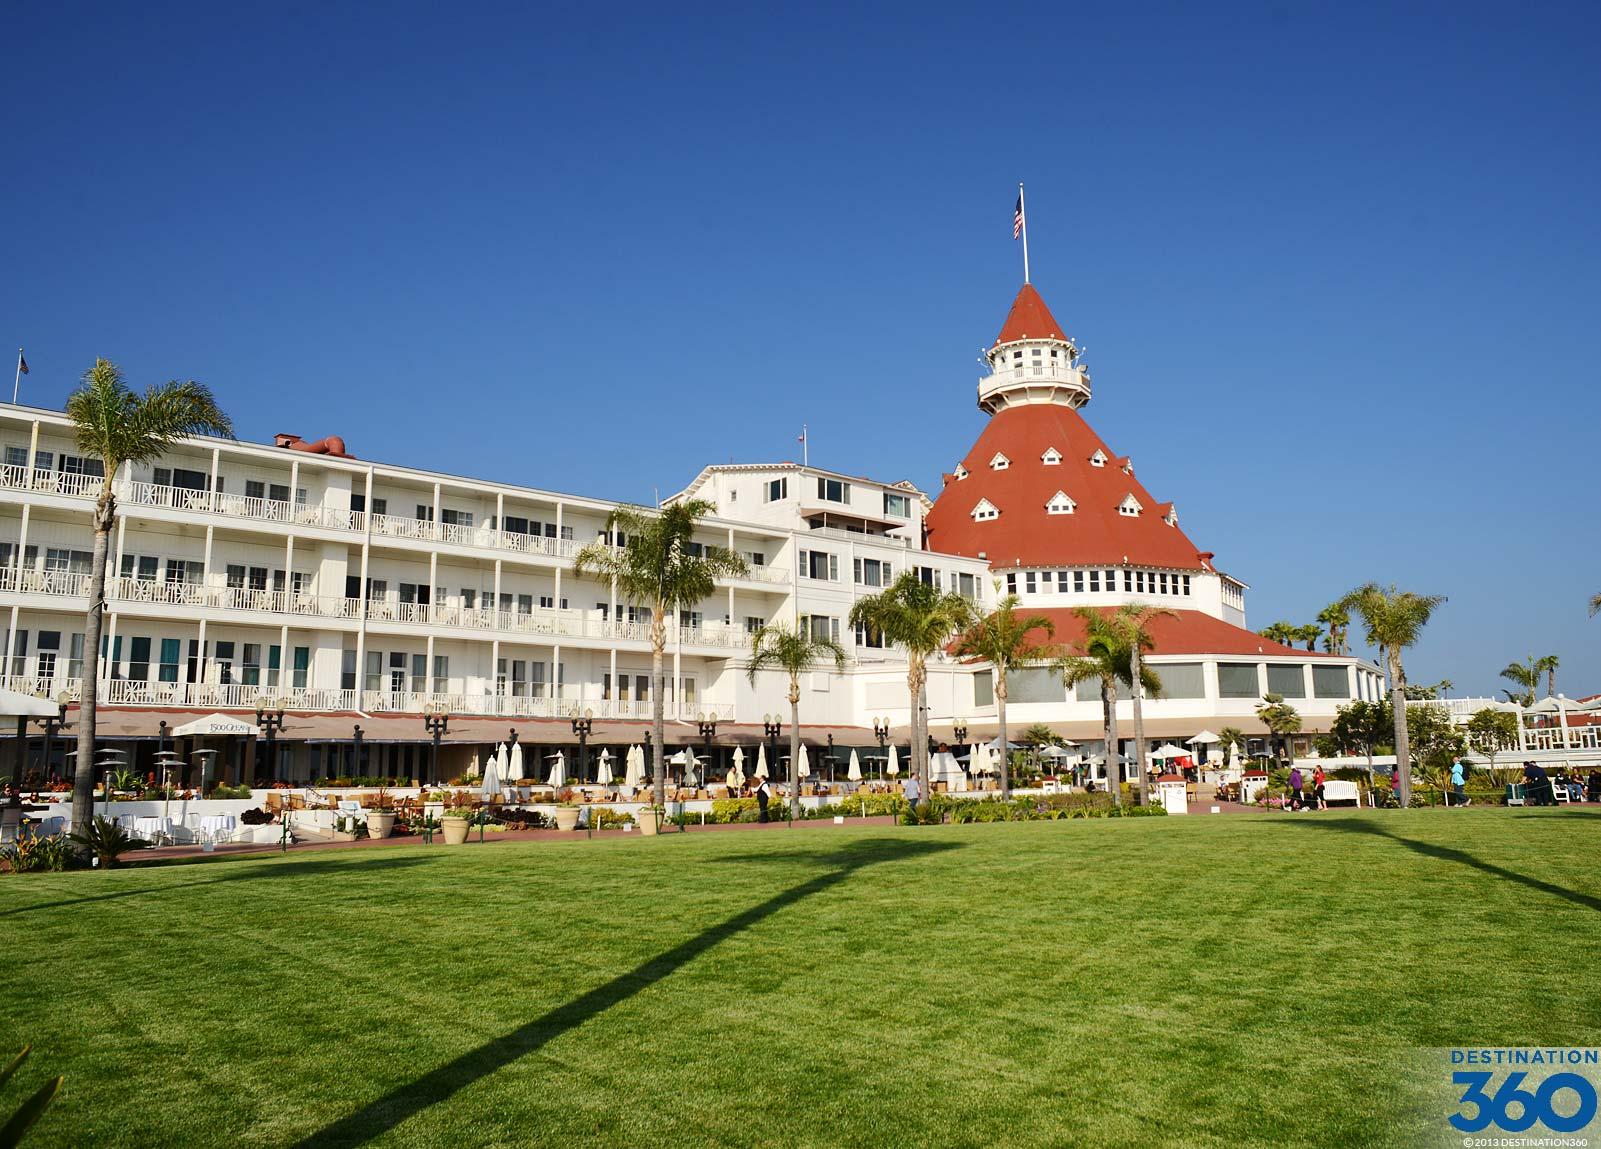 Hotel Del Coronado Hotel Del Coronado In San Diego